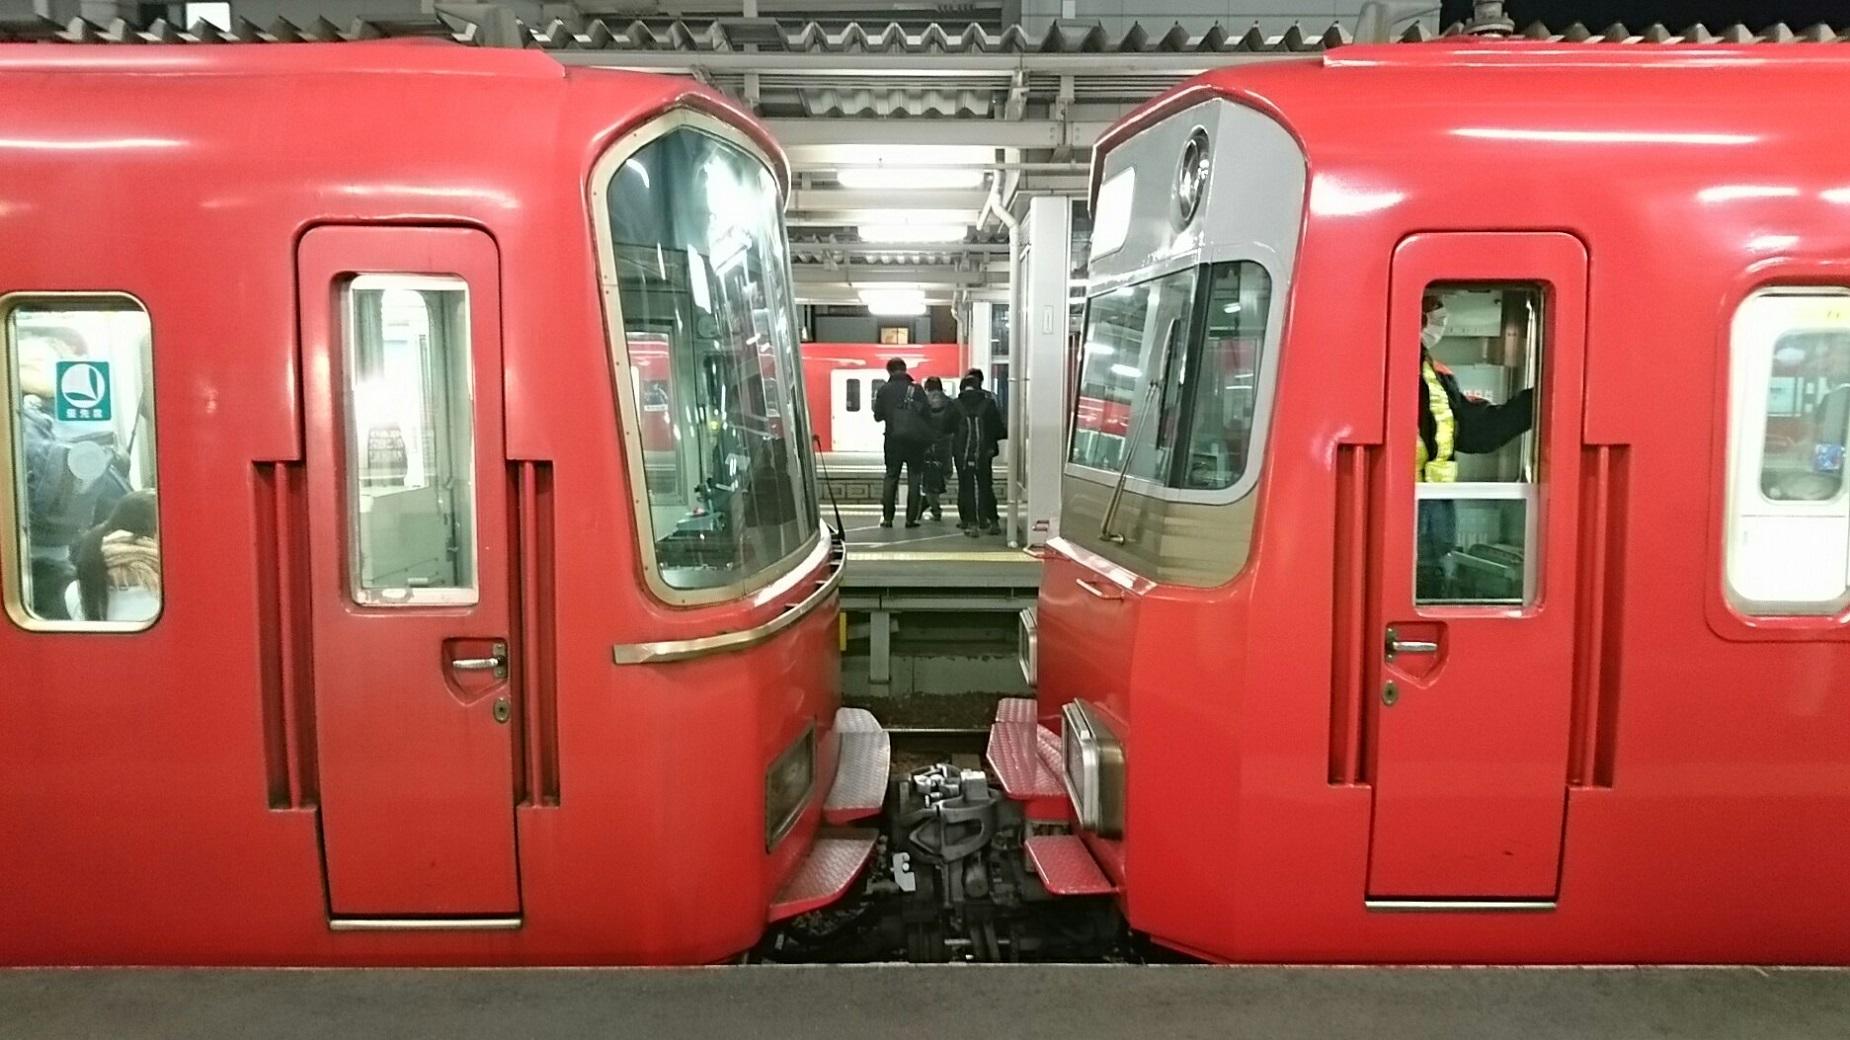 2017.12.18 名古屋 (18) しんあんじょう - 西尾いきふつう 1850-1040